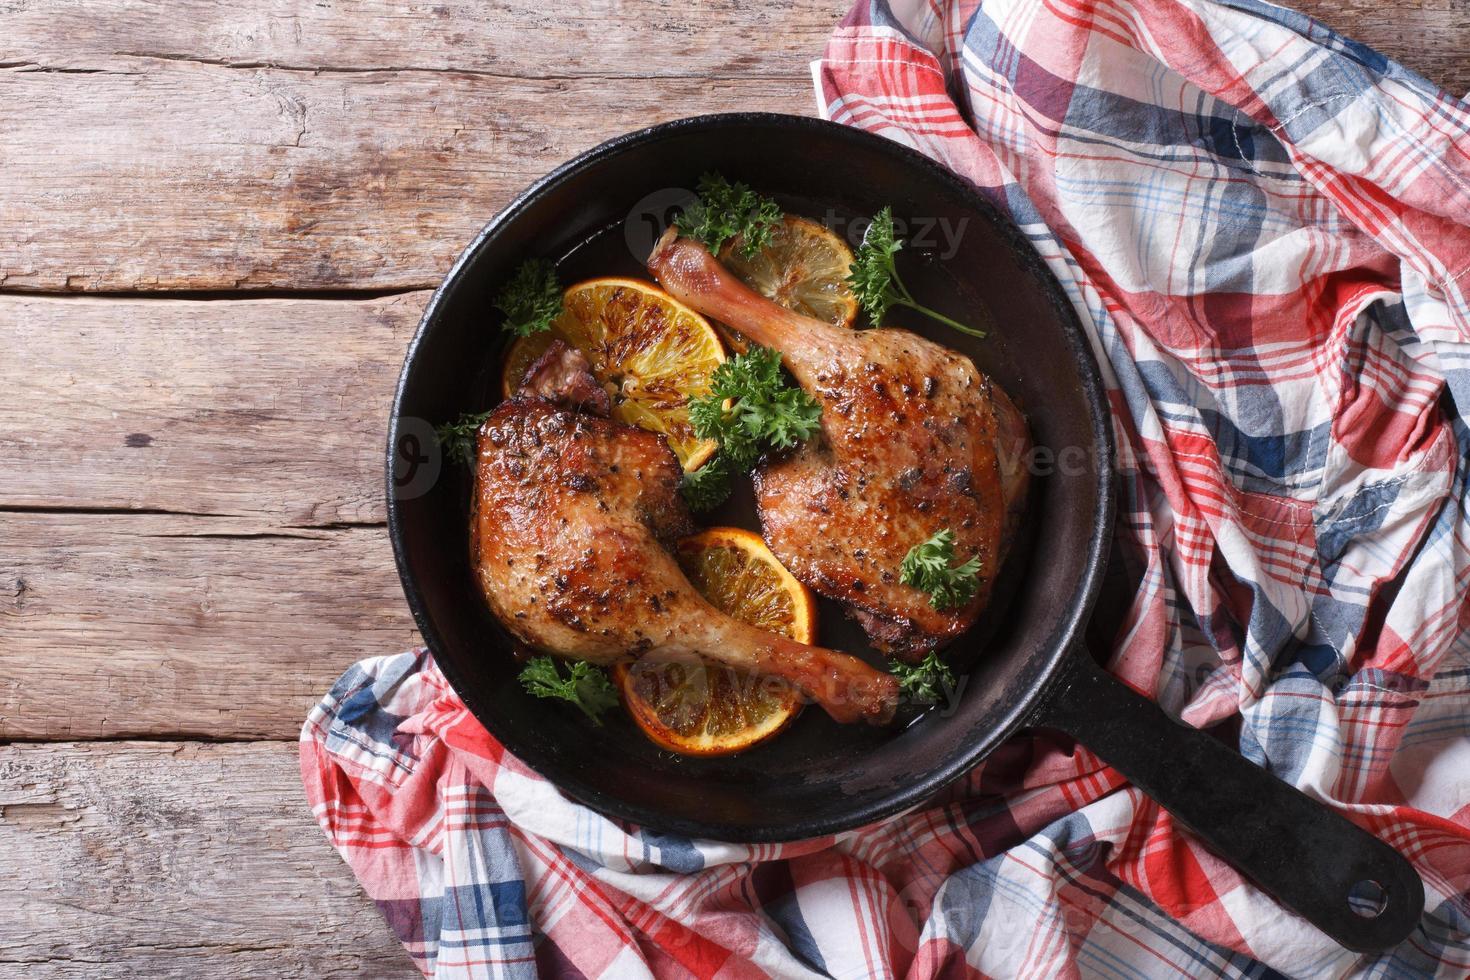 délicieux cuisse de canard rôti avec gros plan d'oranges. vue de dessus photo